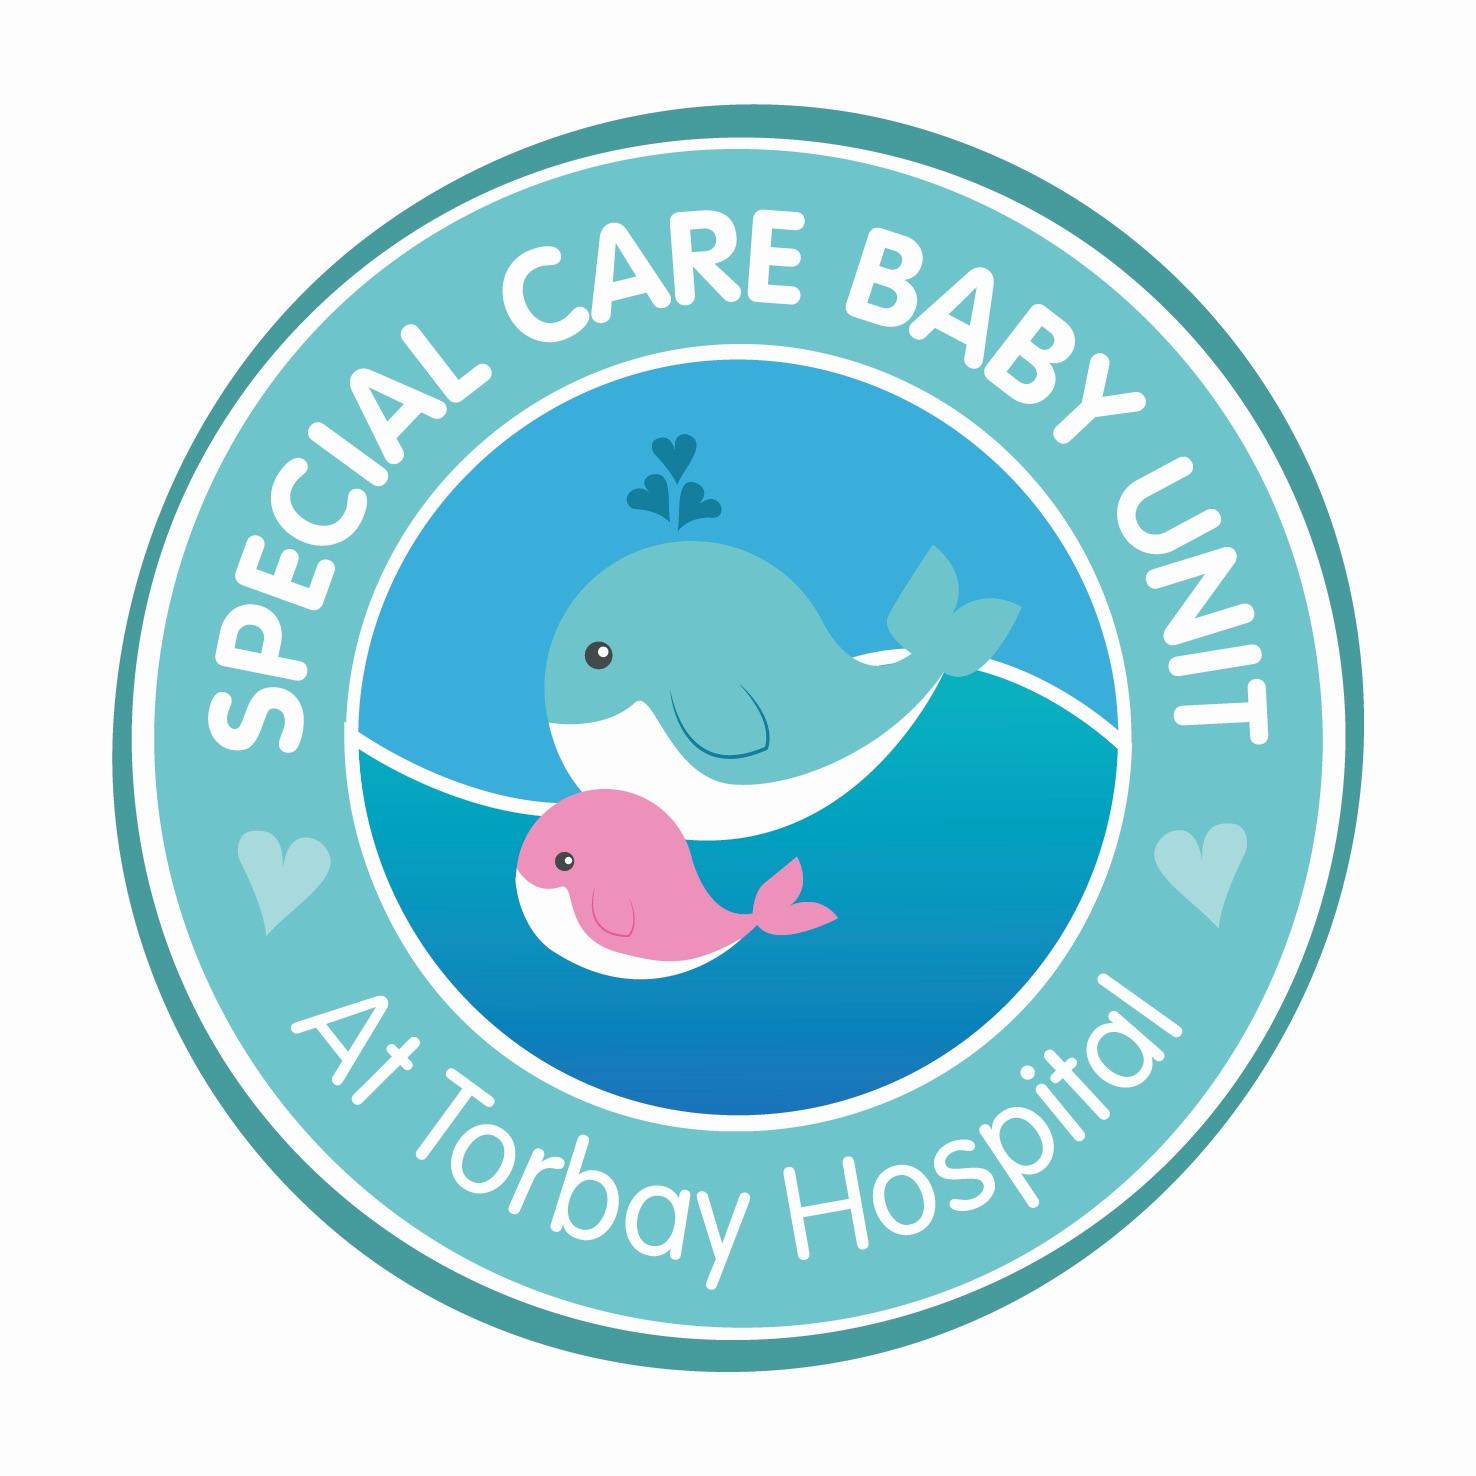 Scbu Torbay logo